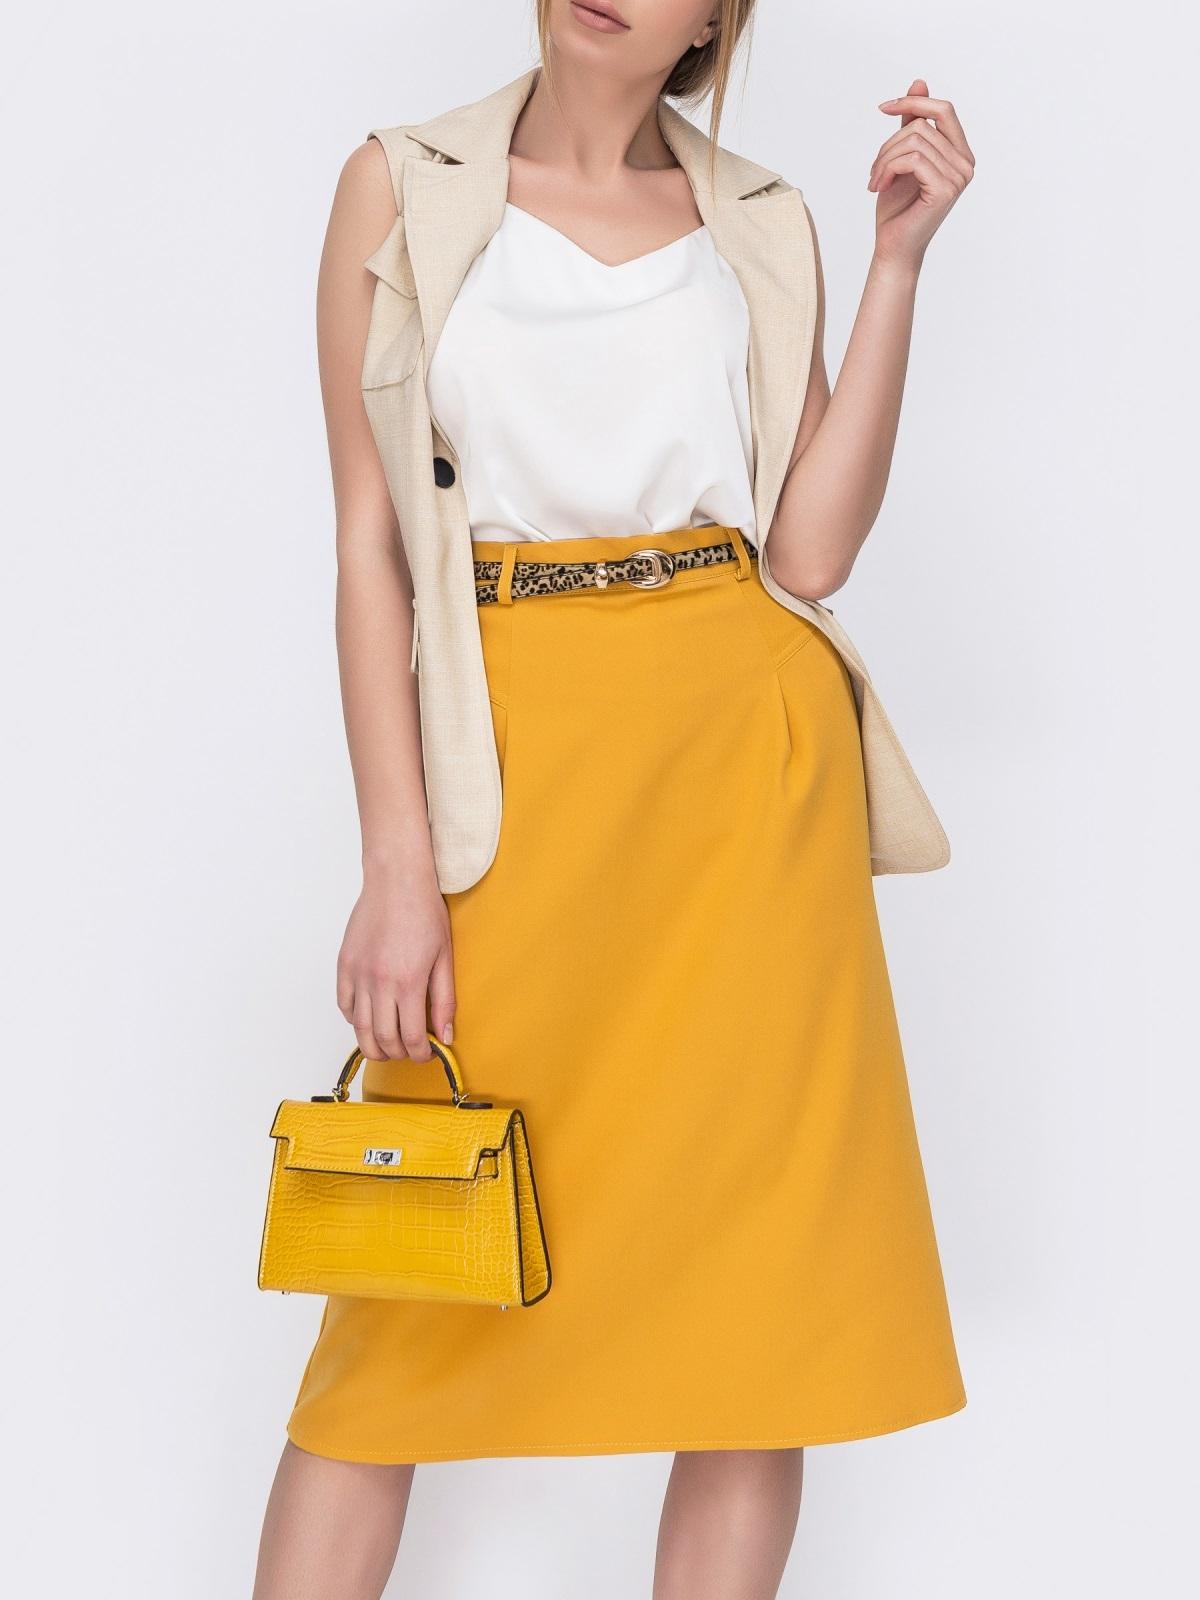 Юбка из костюмной ткани желтого цвета 47047, фото 1